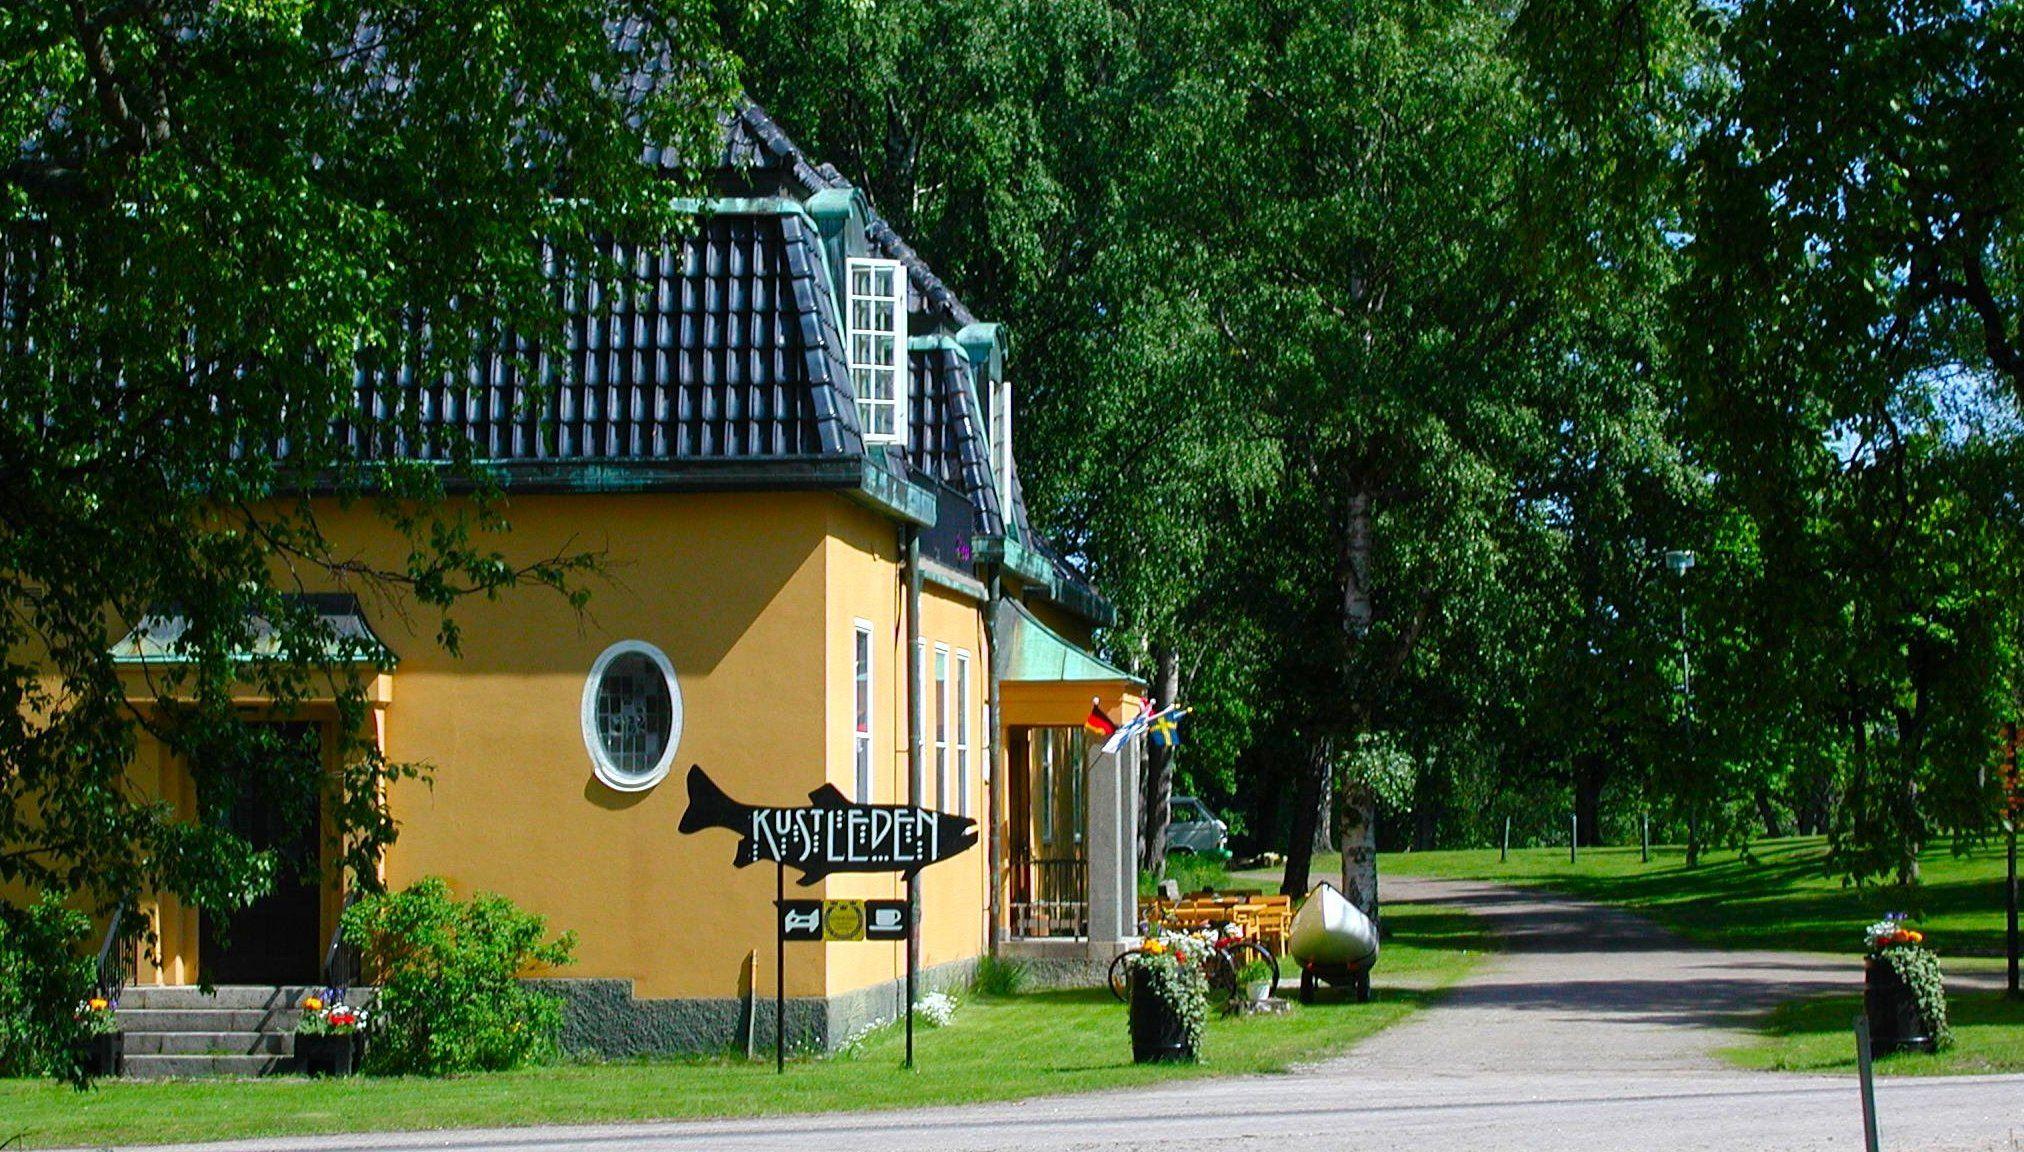 Kustleden Vandrarhem och Semesterlägenheter i Hudiksvall, Hälsingland, SVIF